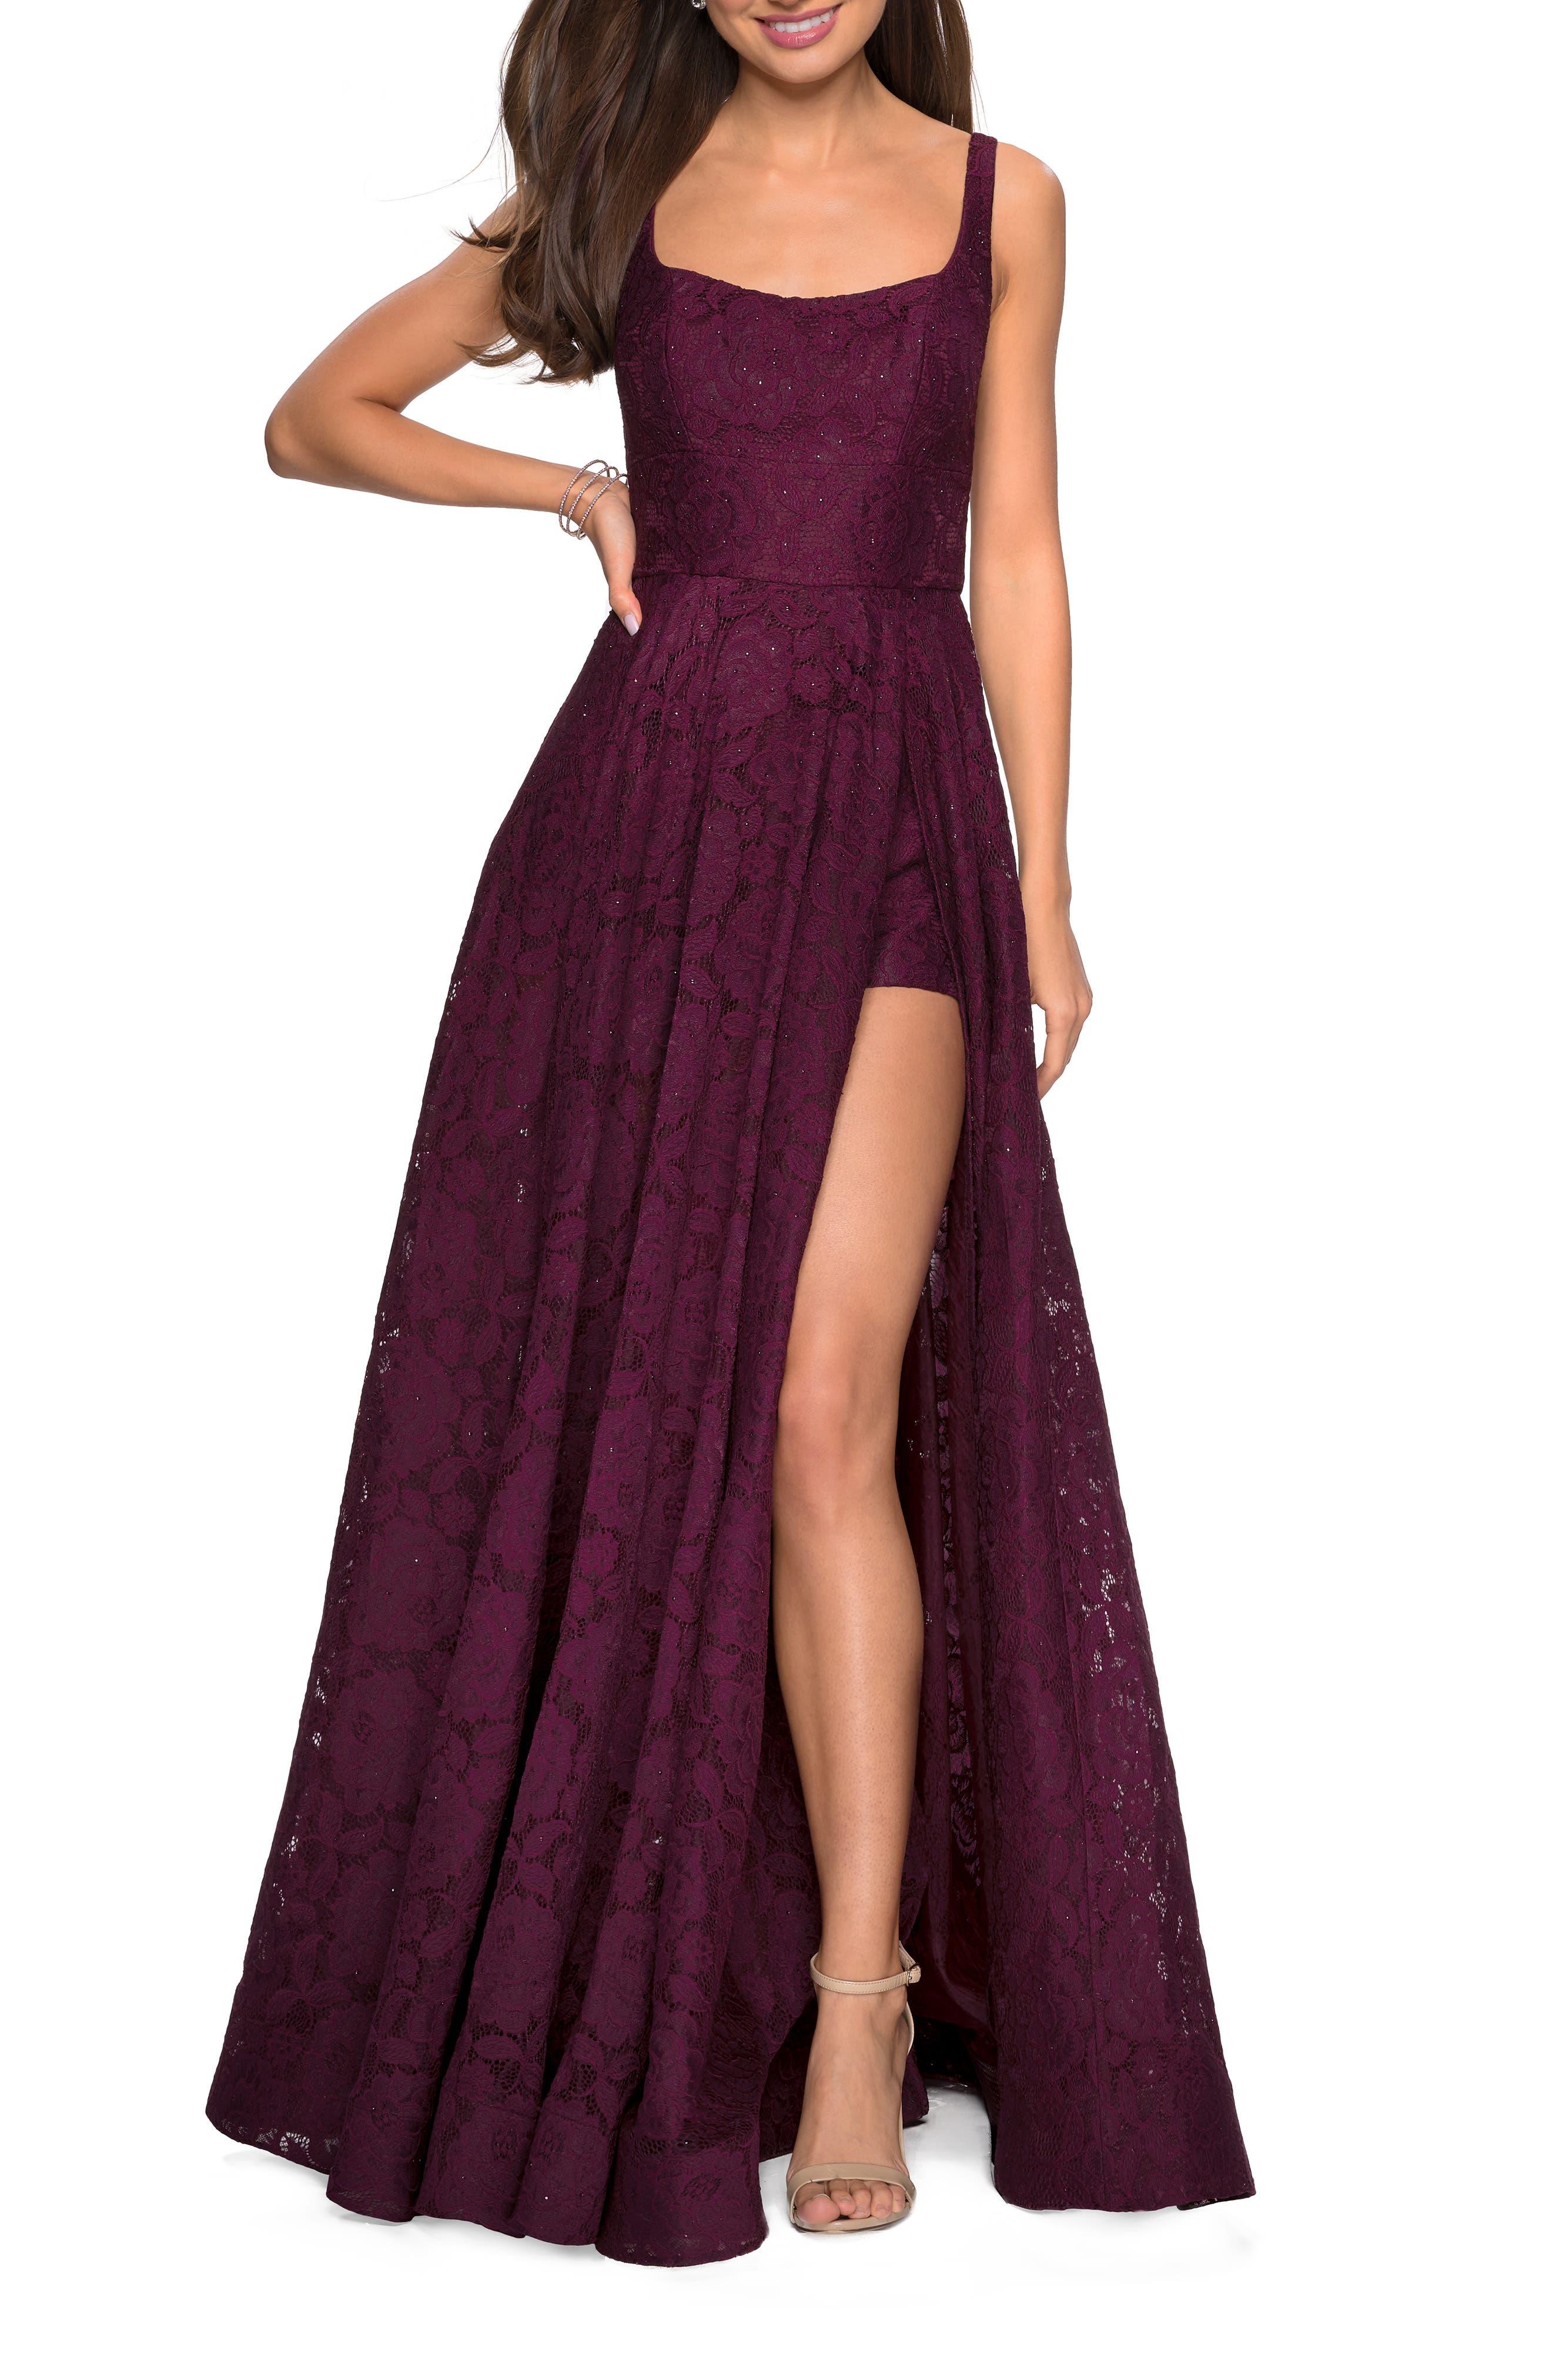 La Femme Front Slit Lace Evening Dress, Red